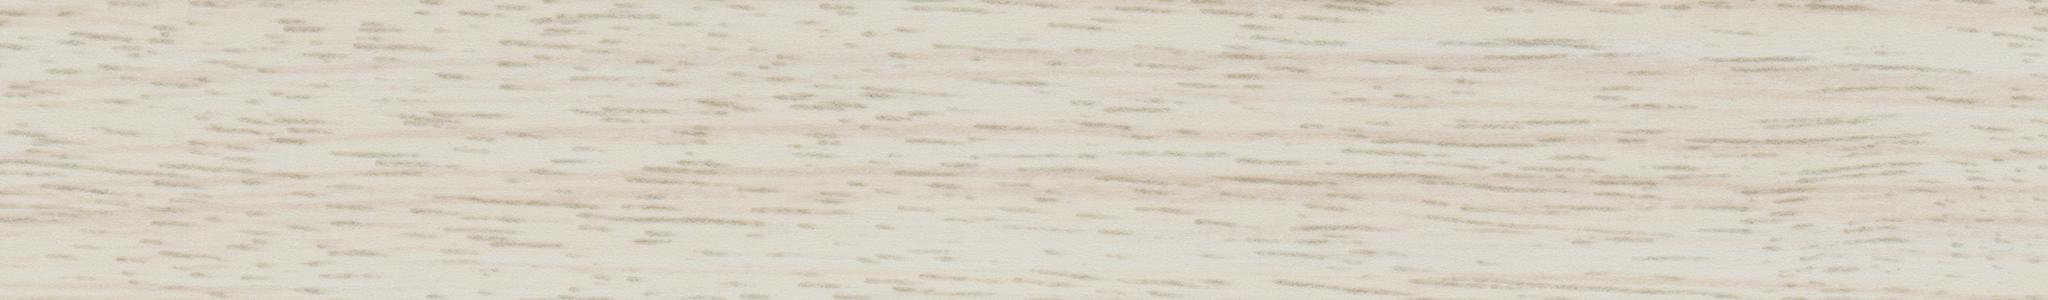 HD 288311 ABS Kante Dekor Nussbaum Afrika glatt